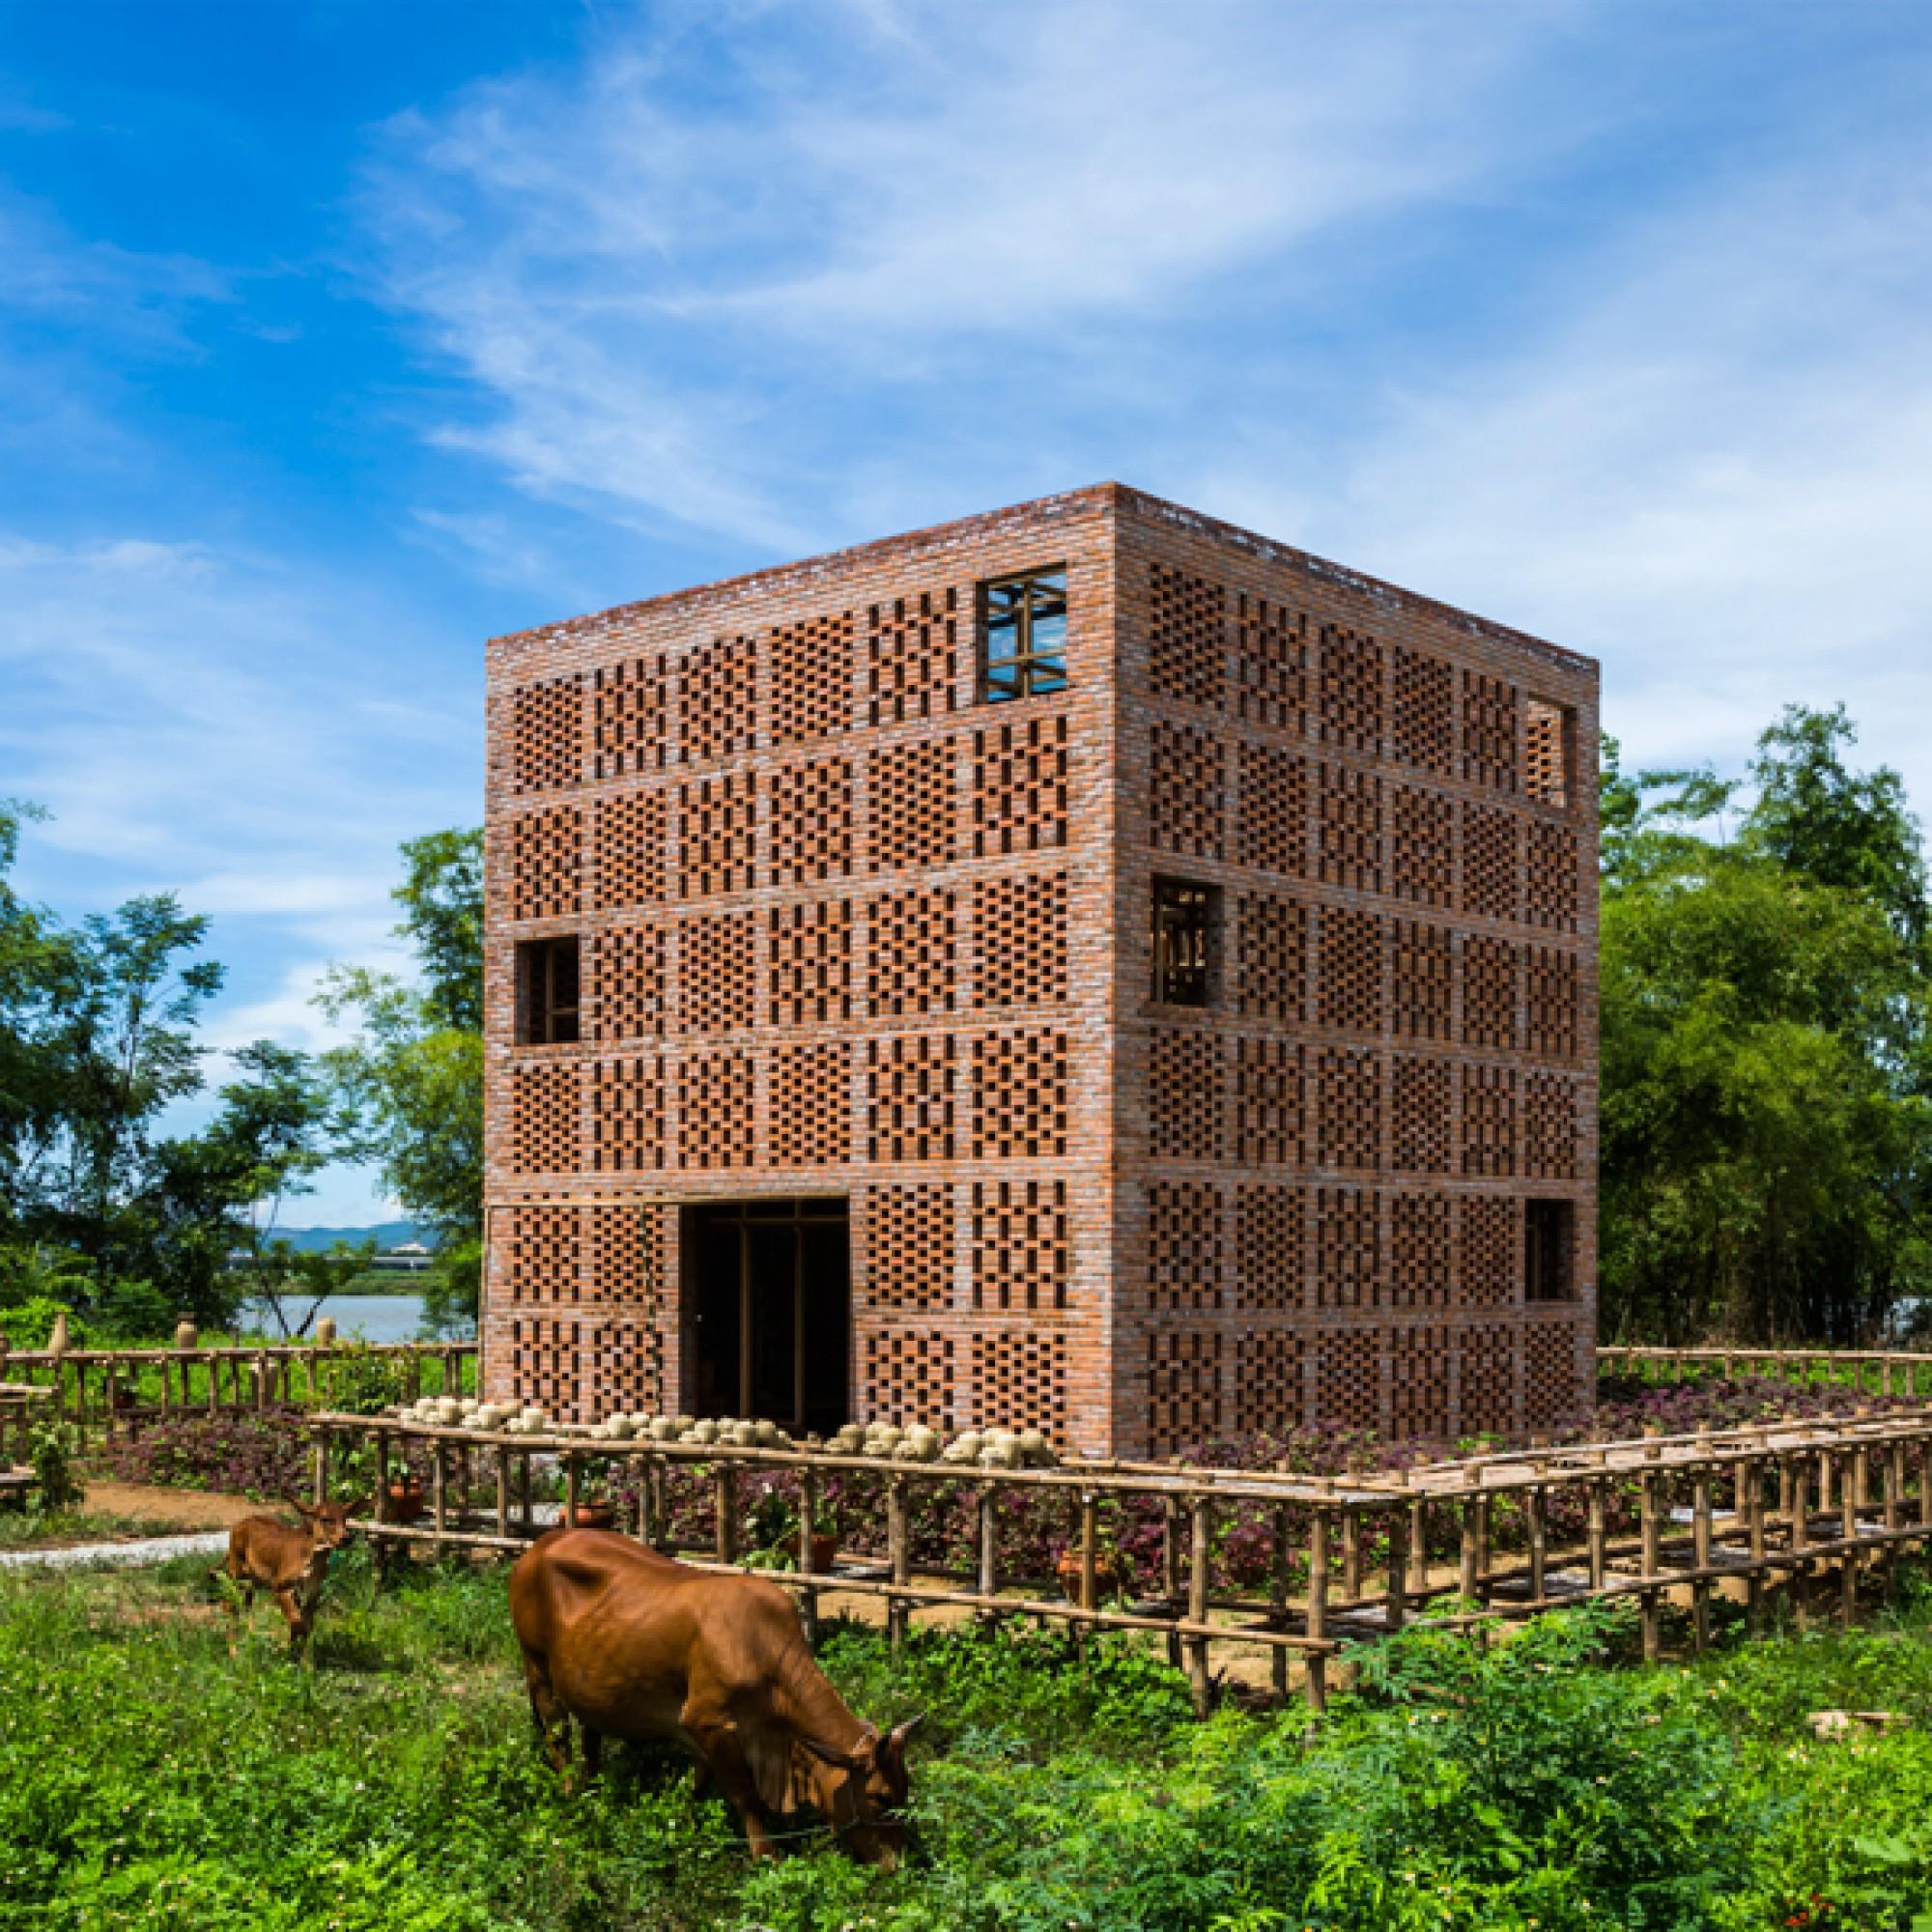 Beinahe selbst eine Skulptur: Der Pavillon, in dem  Le Duc Ha arbeitet und ausstellt.   (Hiroyuki Oki/zvg) 1/4